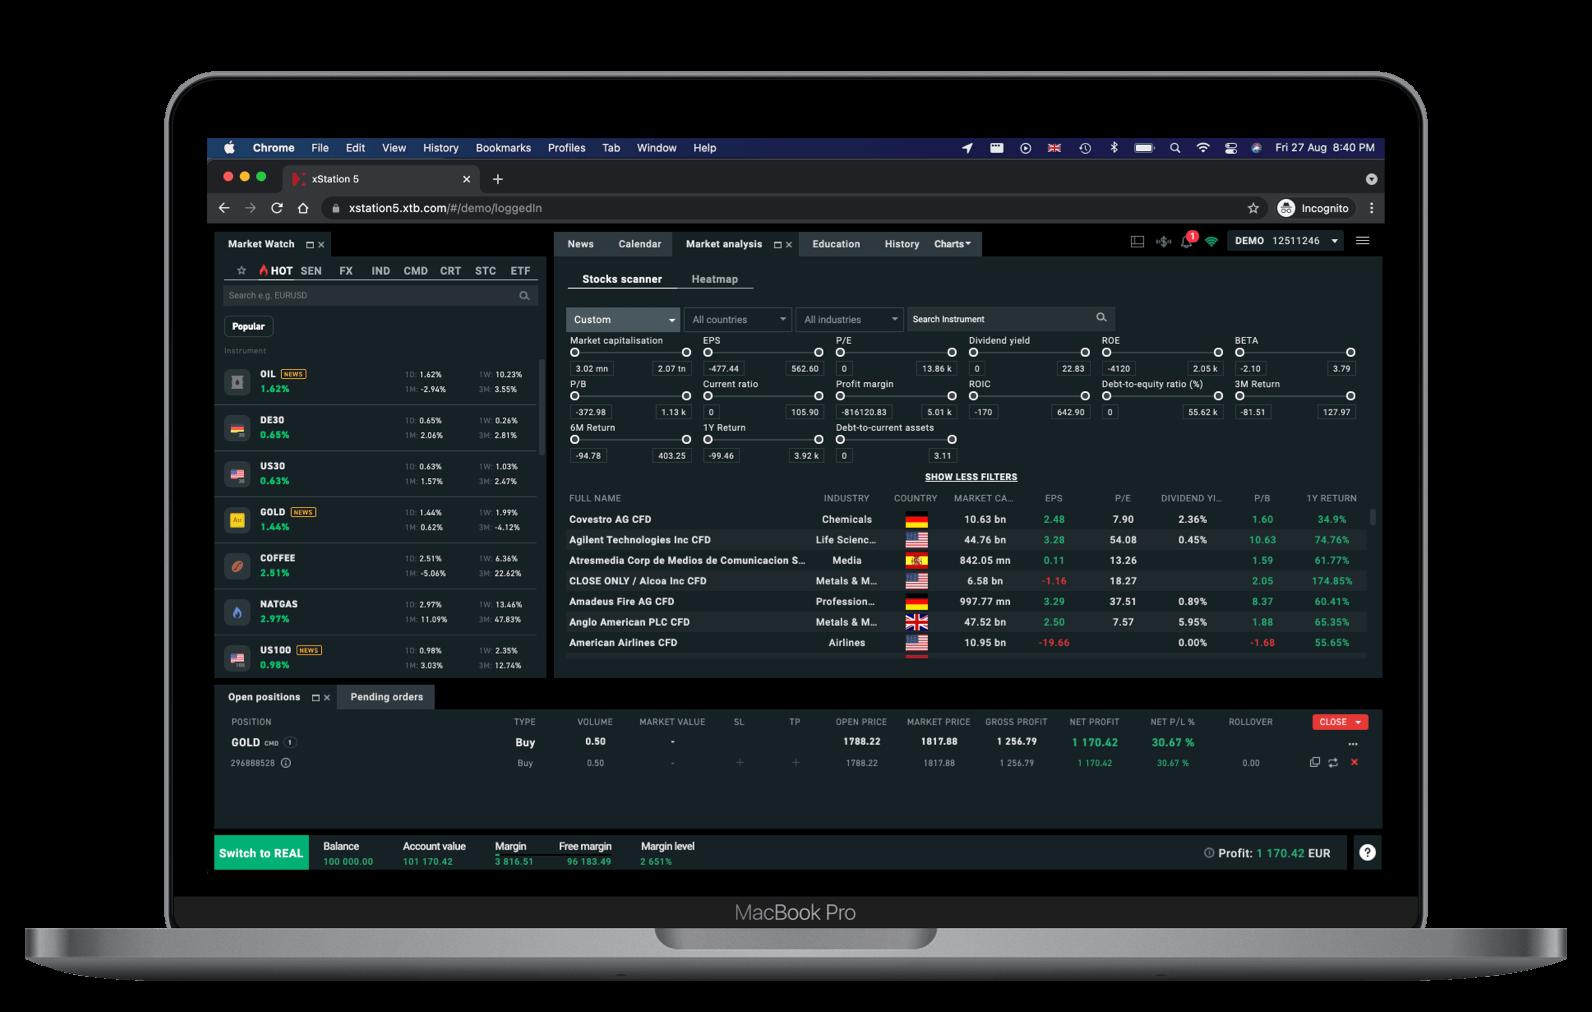 XTB Web Plattform Aktien Scanner